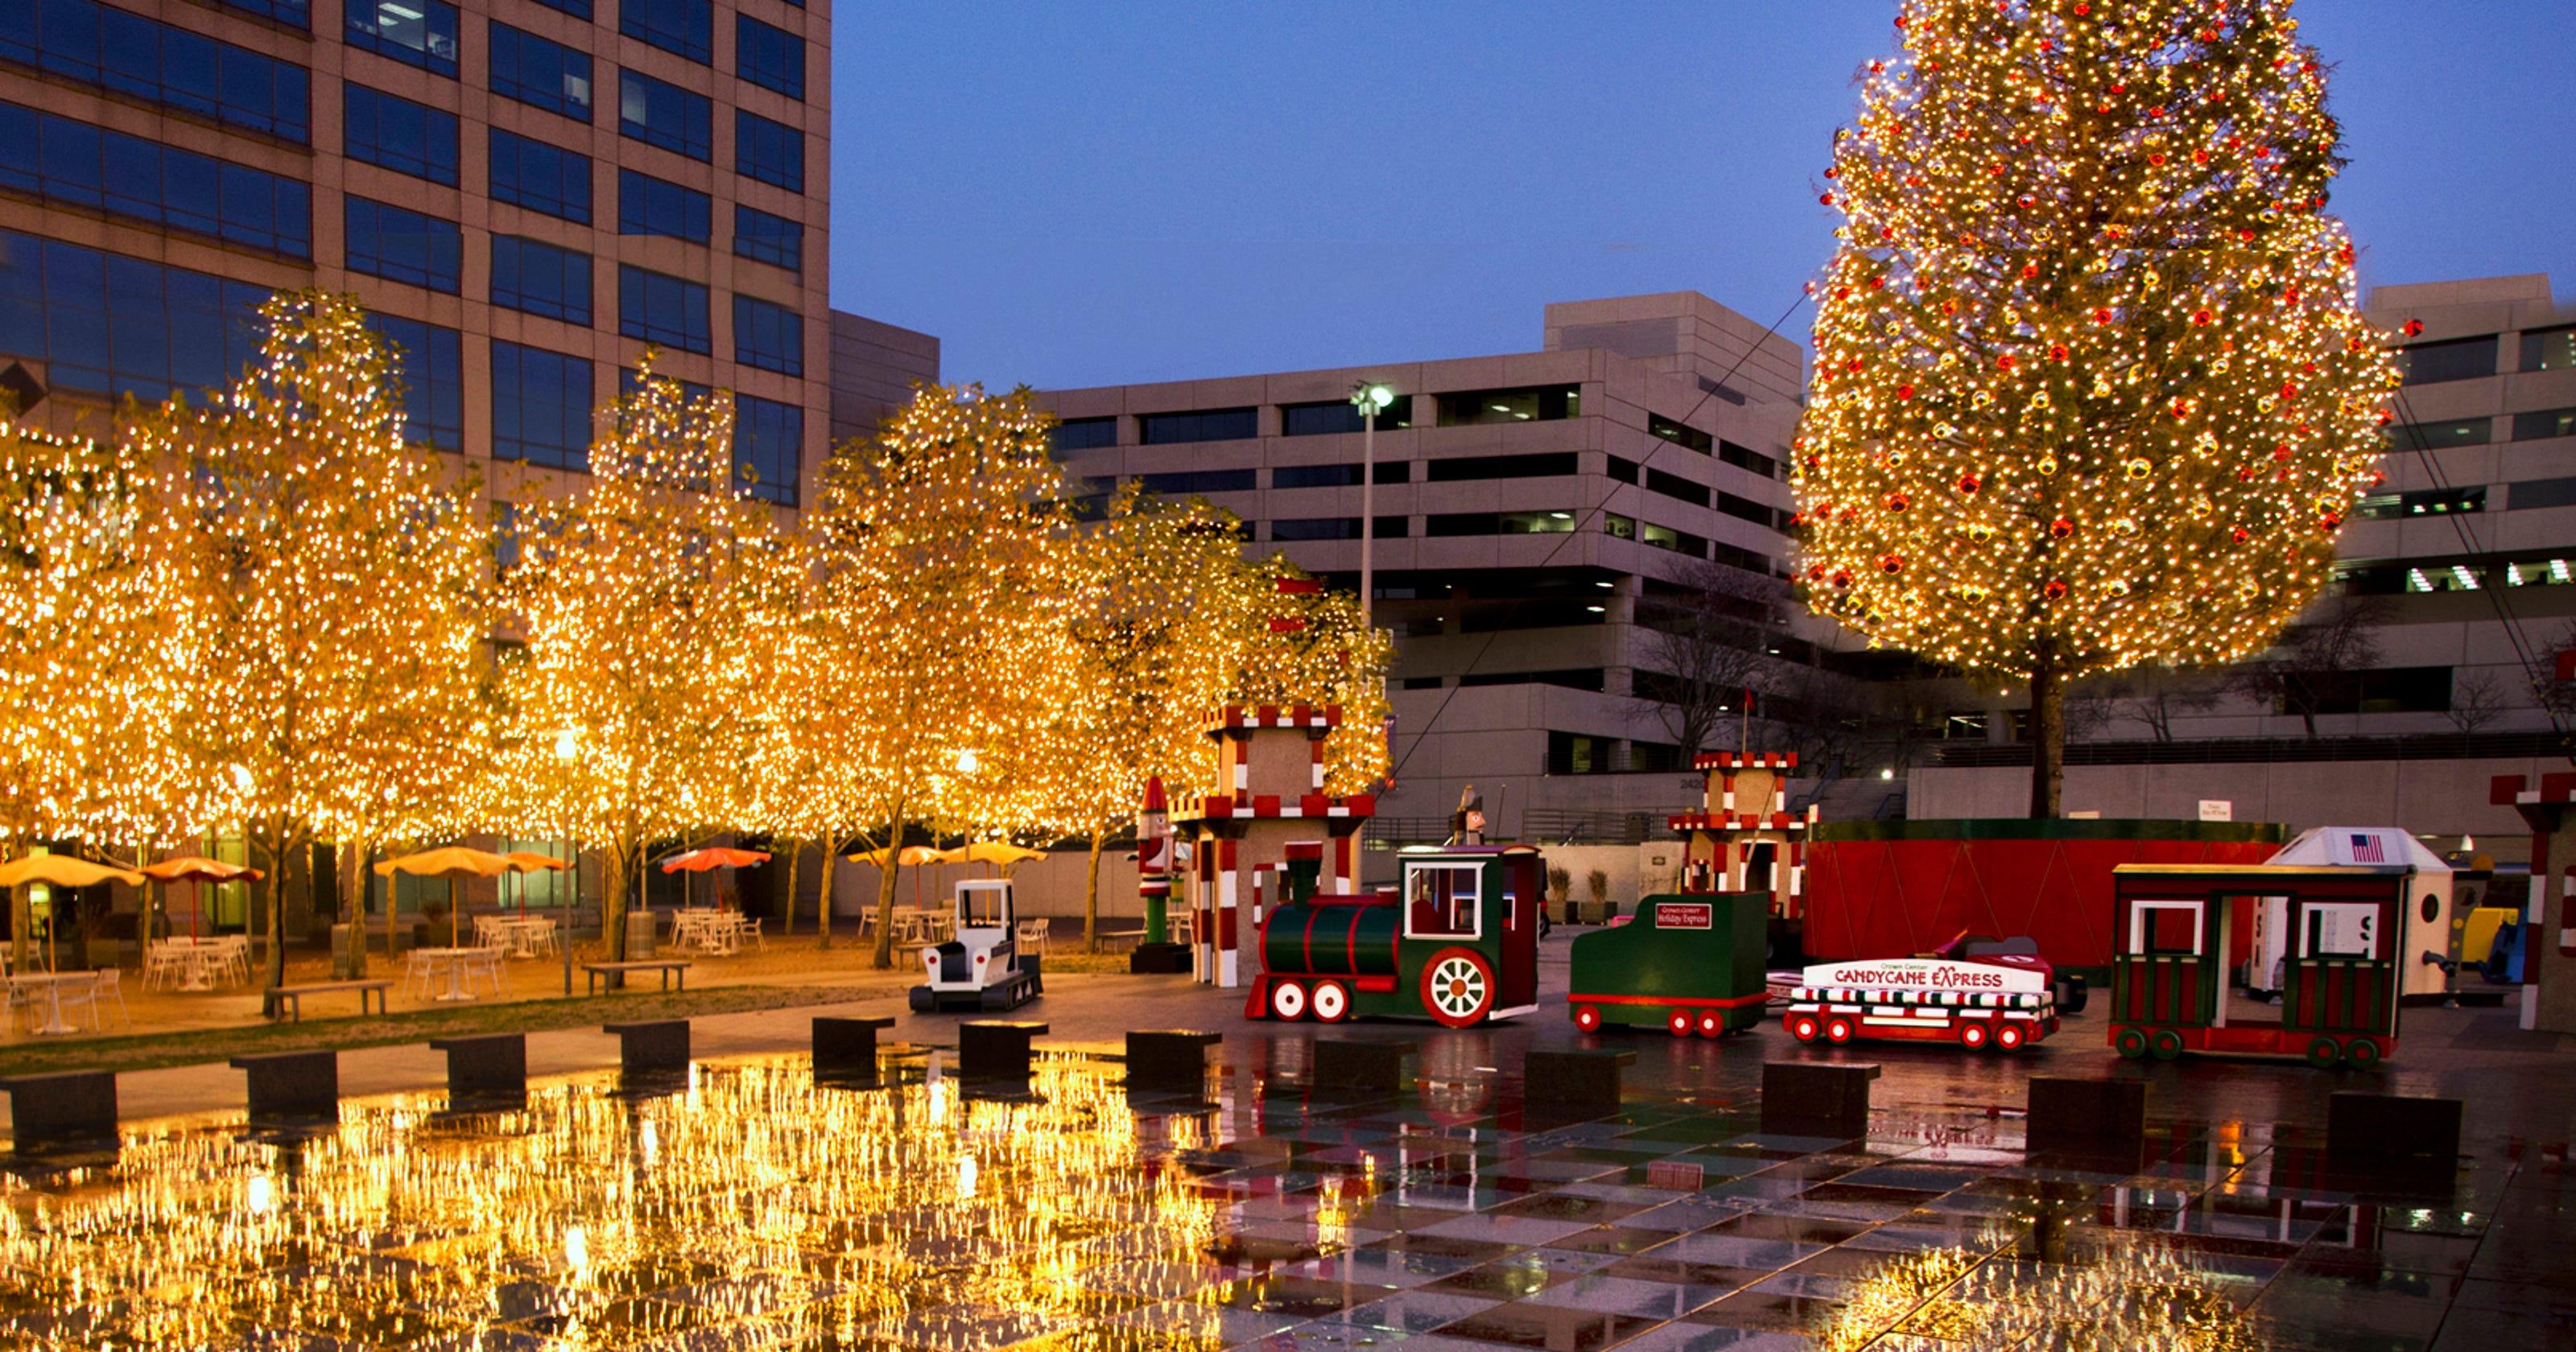 Visit Kansas City for a holiday getaway this season